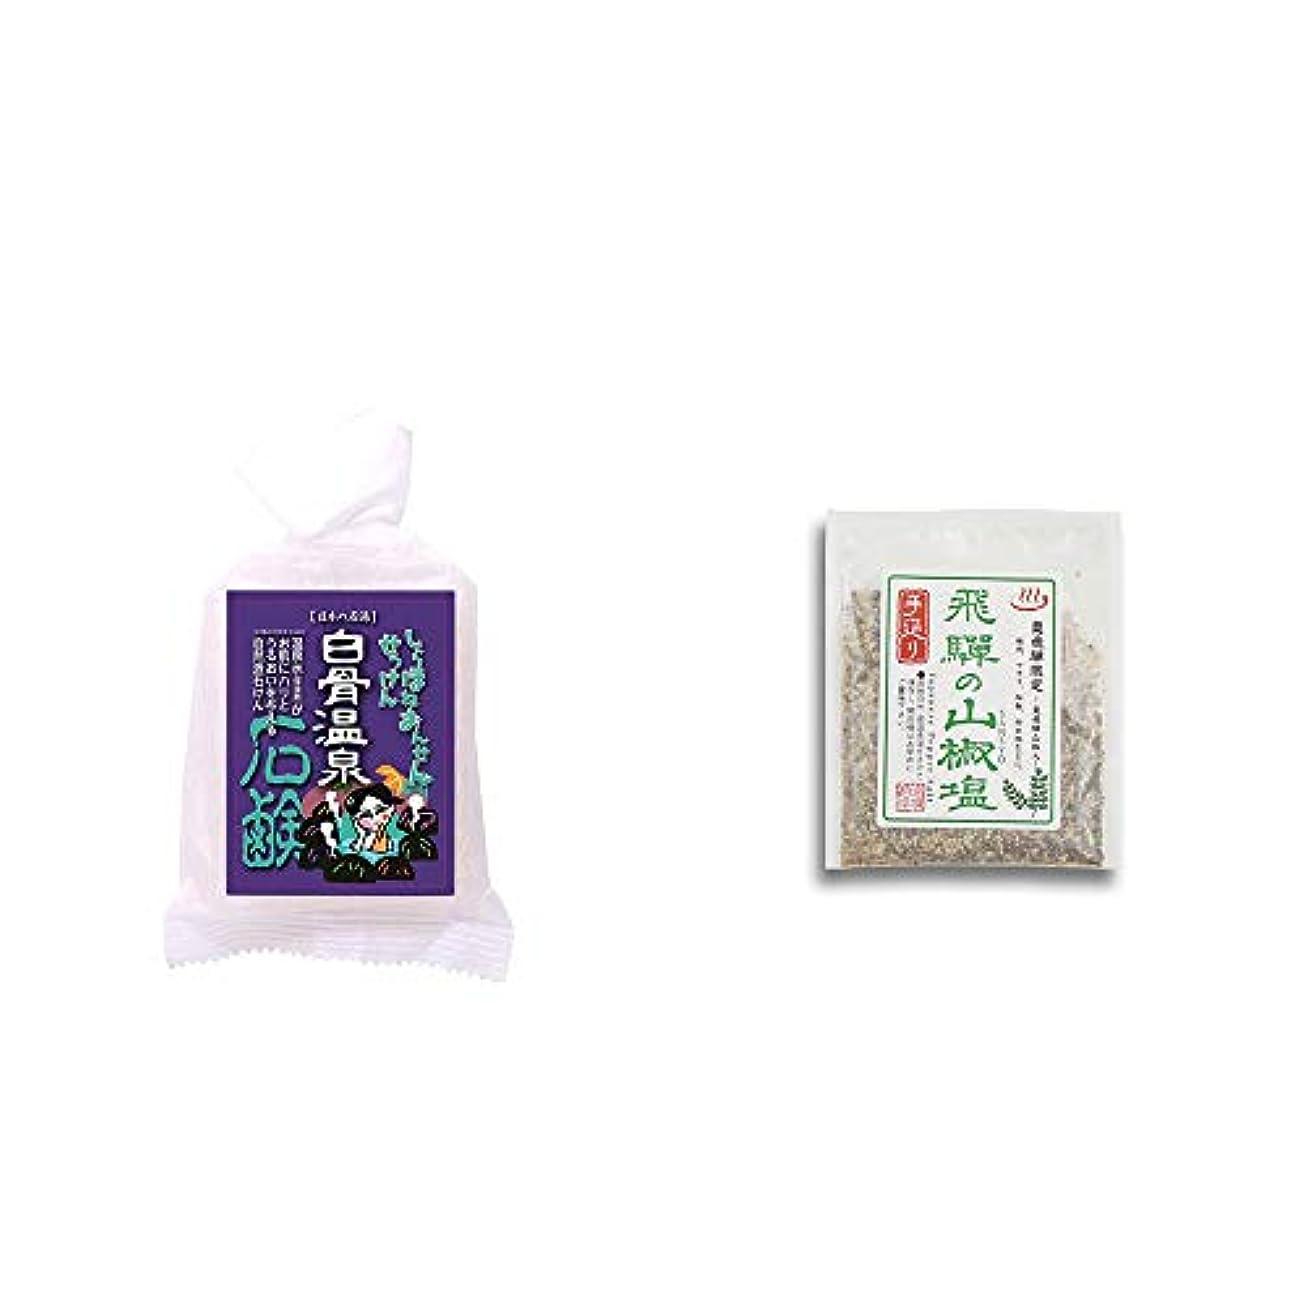 [2点セット] 信州 白骨温泉石鹸(80g)?手造り 飛騨の山椒塩(40g)